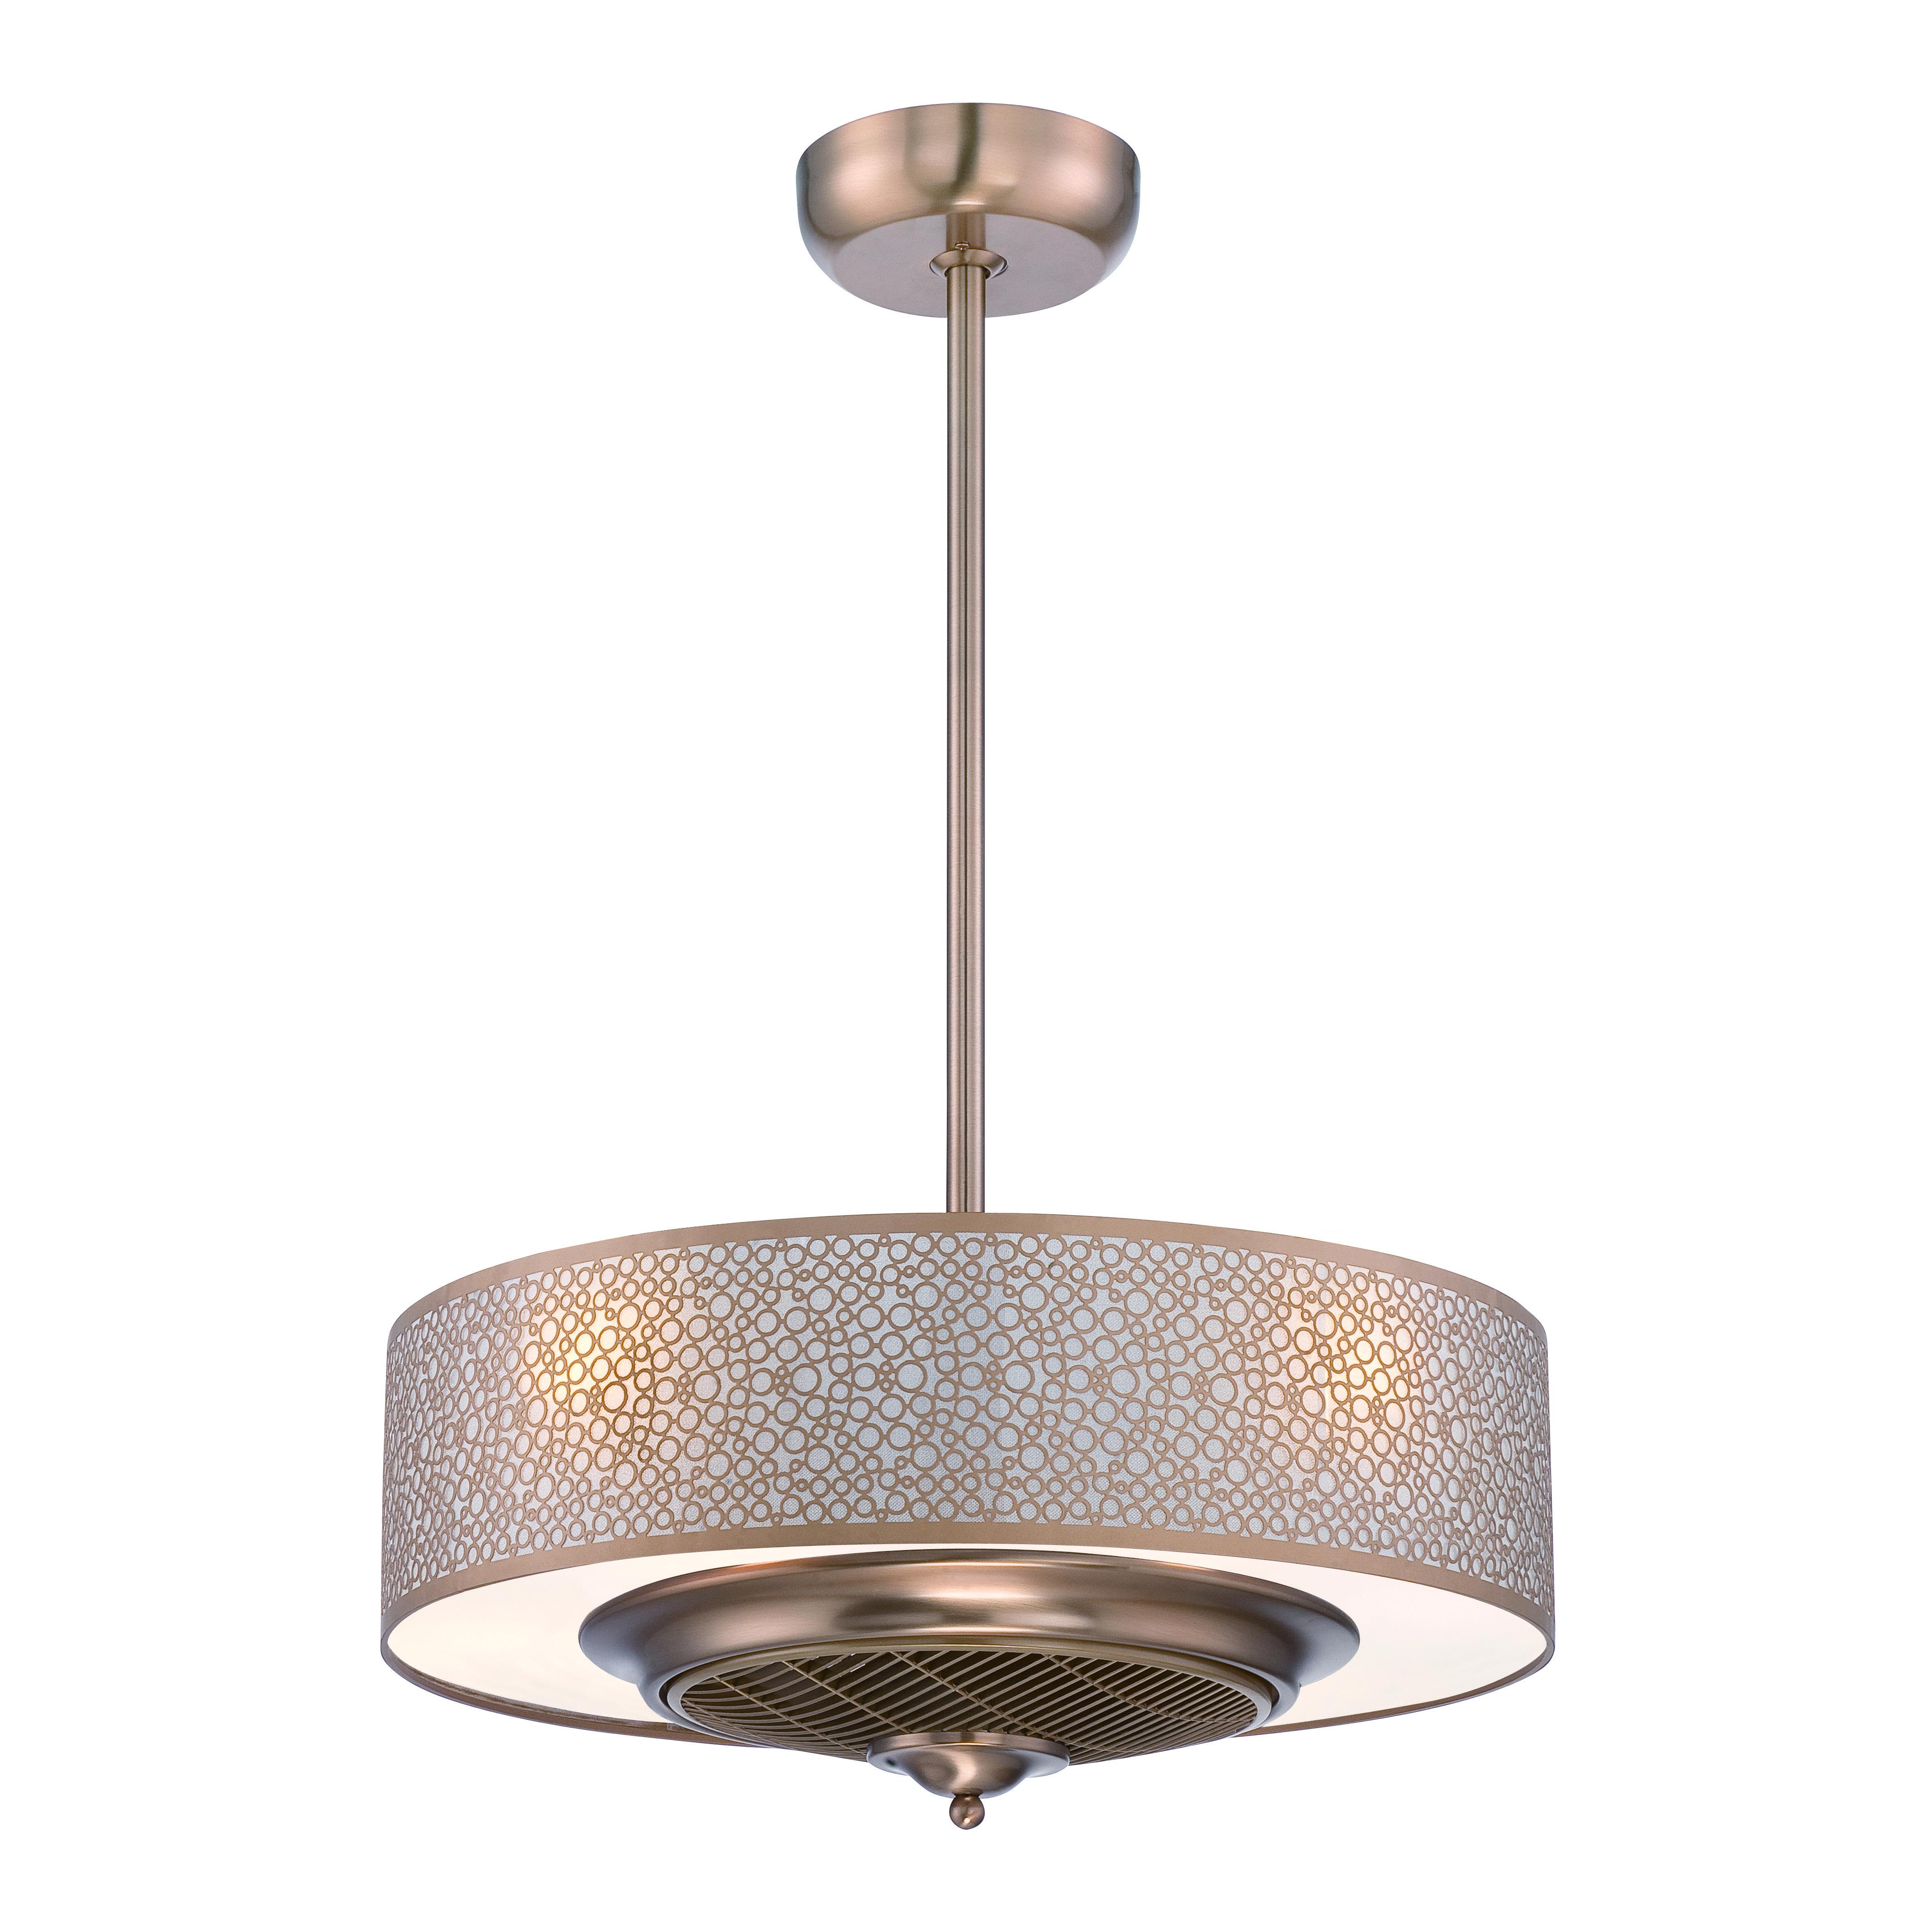 hidden lighting fixtures of ceiling fan for master bedroom